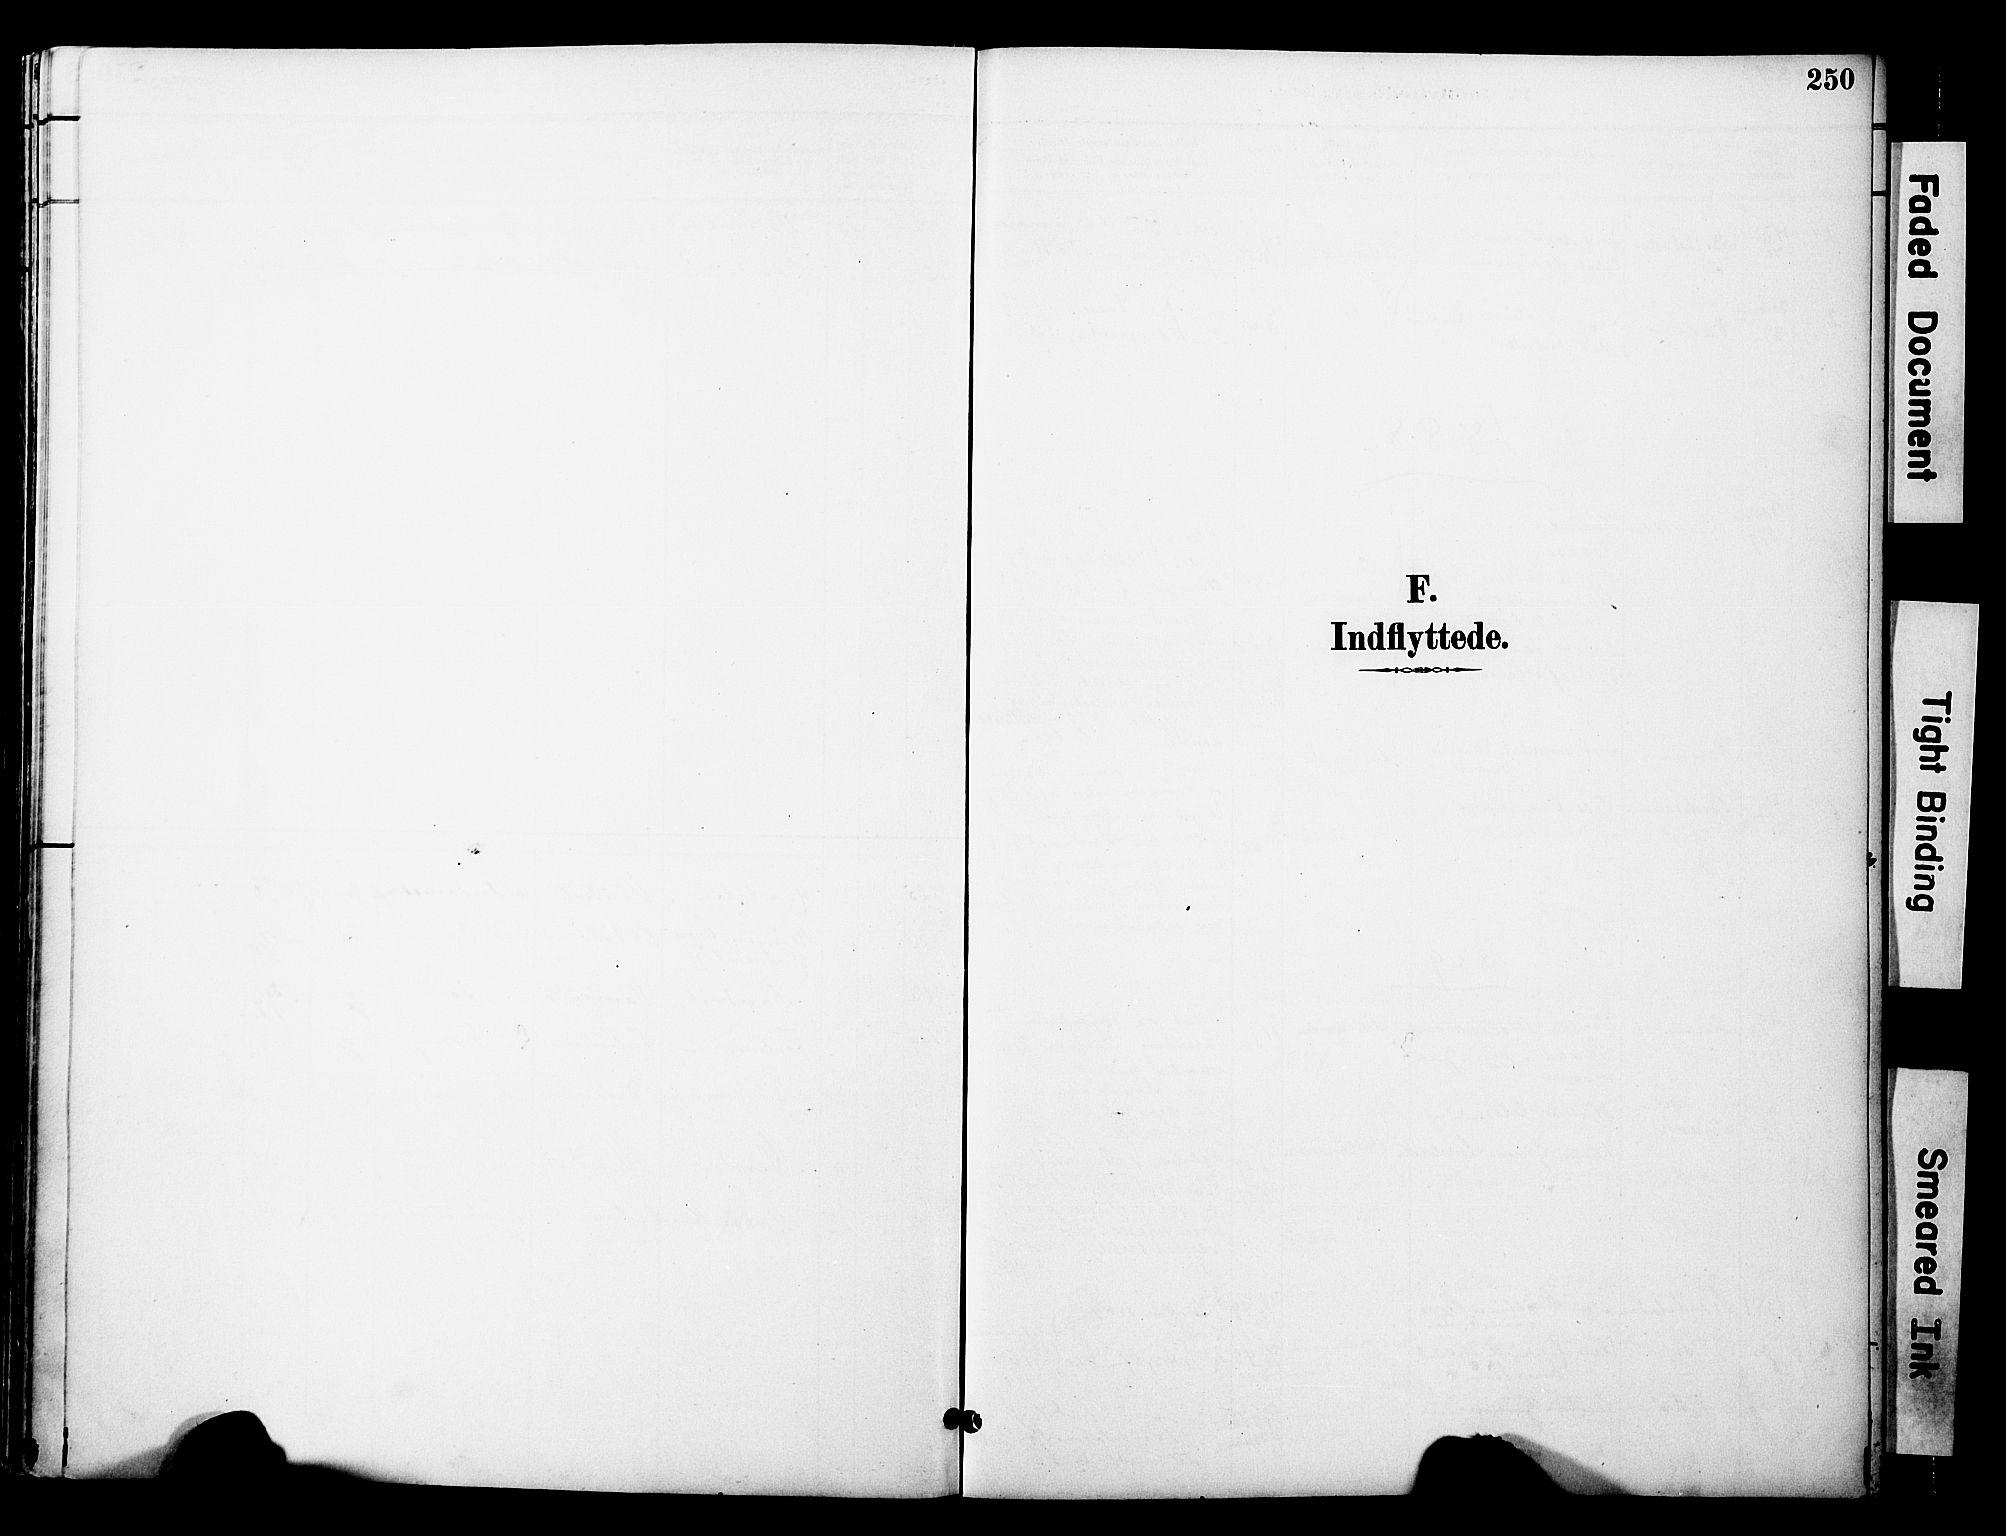 SAT, Ministerialprotokoller, klokkerbøker og fødselsregistre - Nord-Trøndelag, 774/L0628: Ministerialbok nr. 774A02, 1887-1903, s. 250